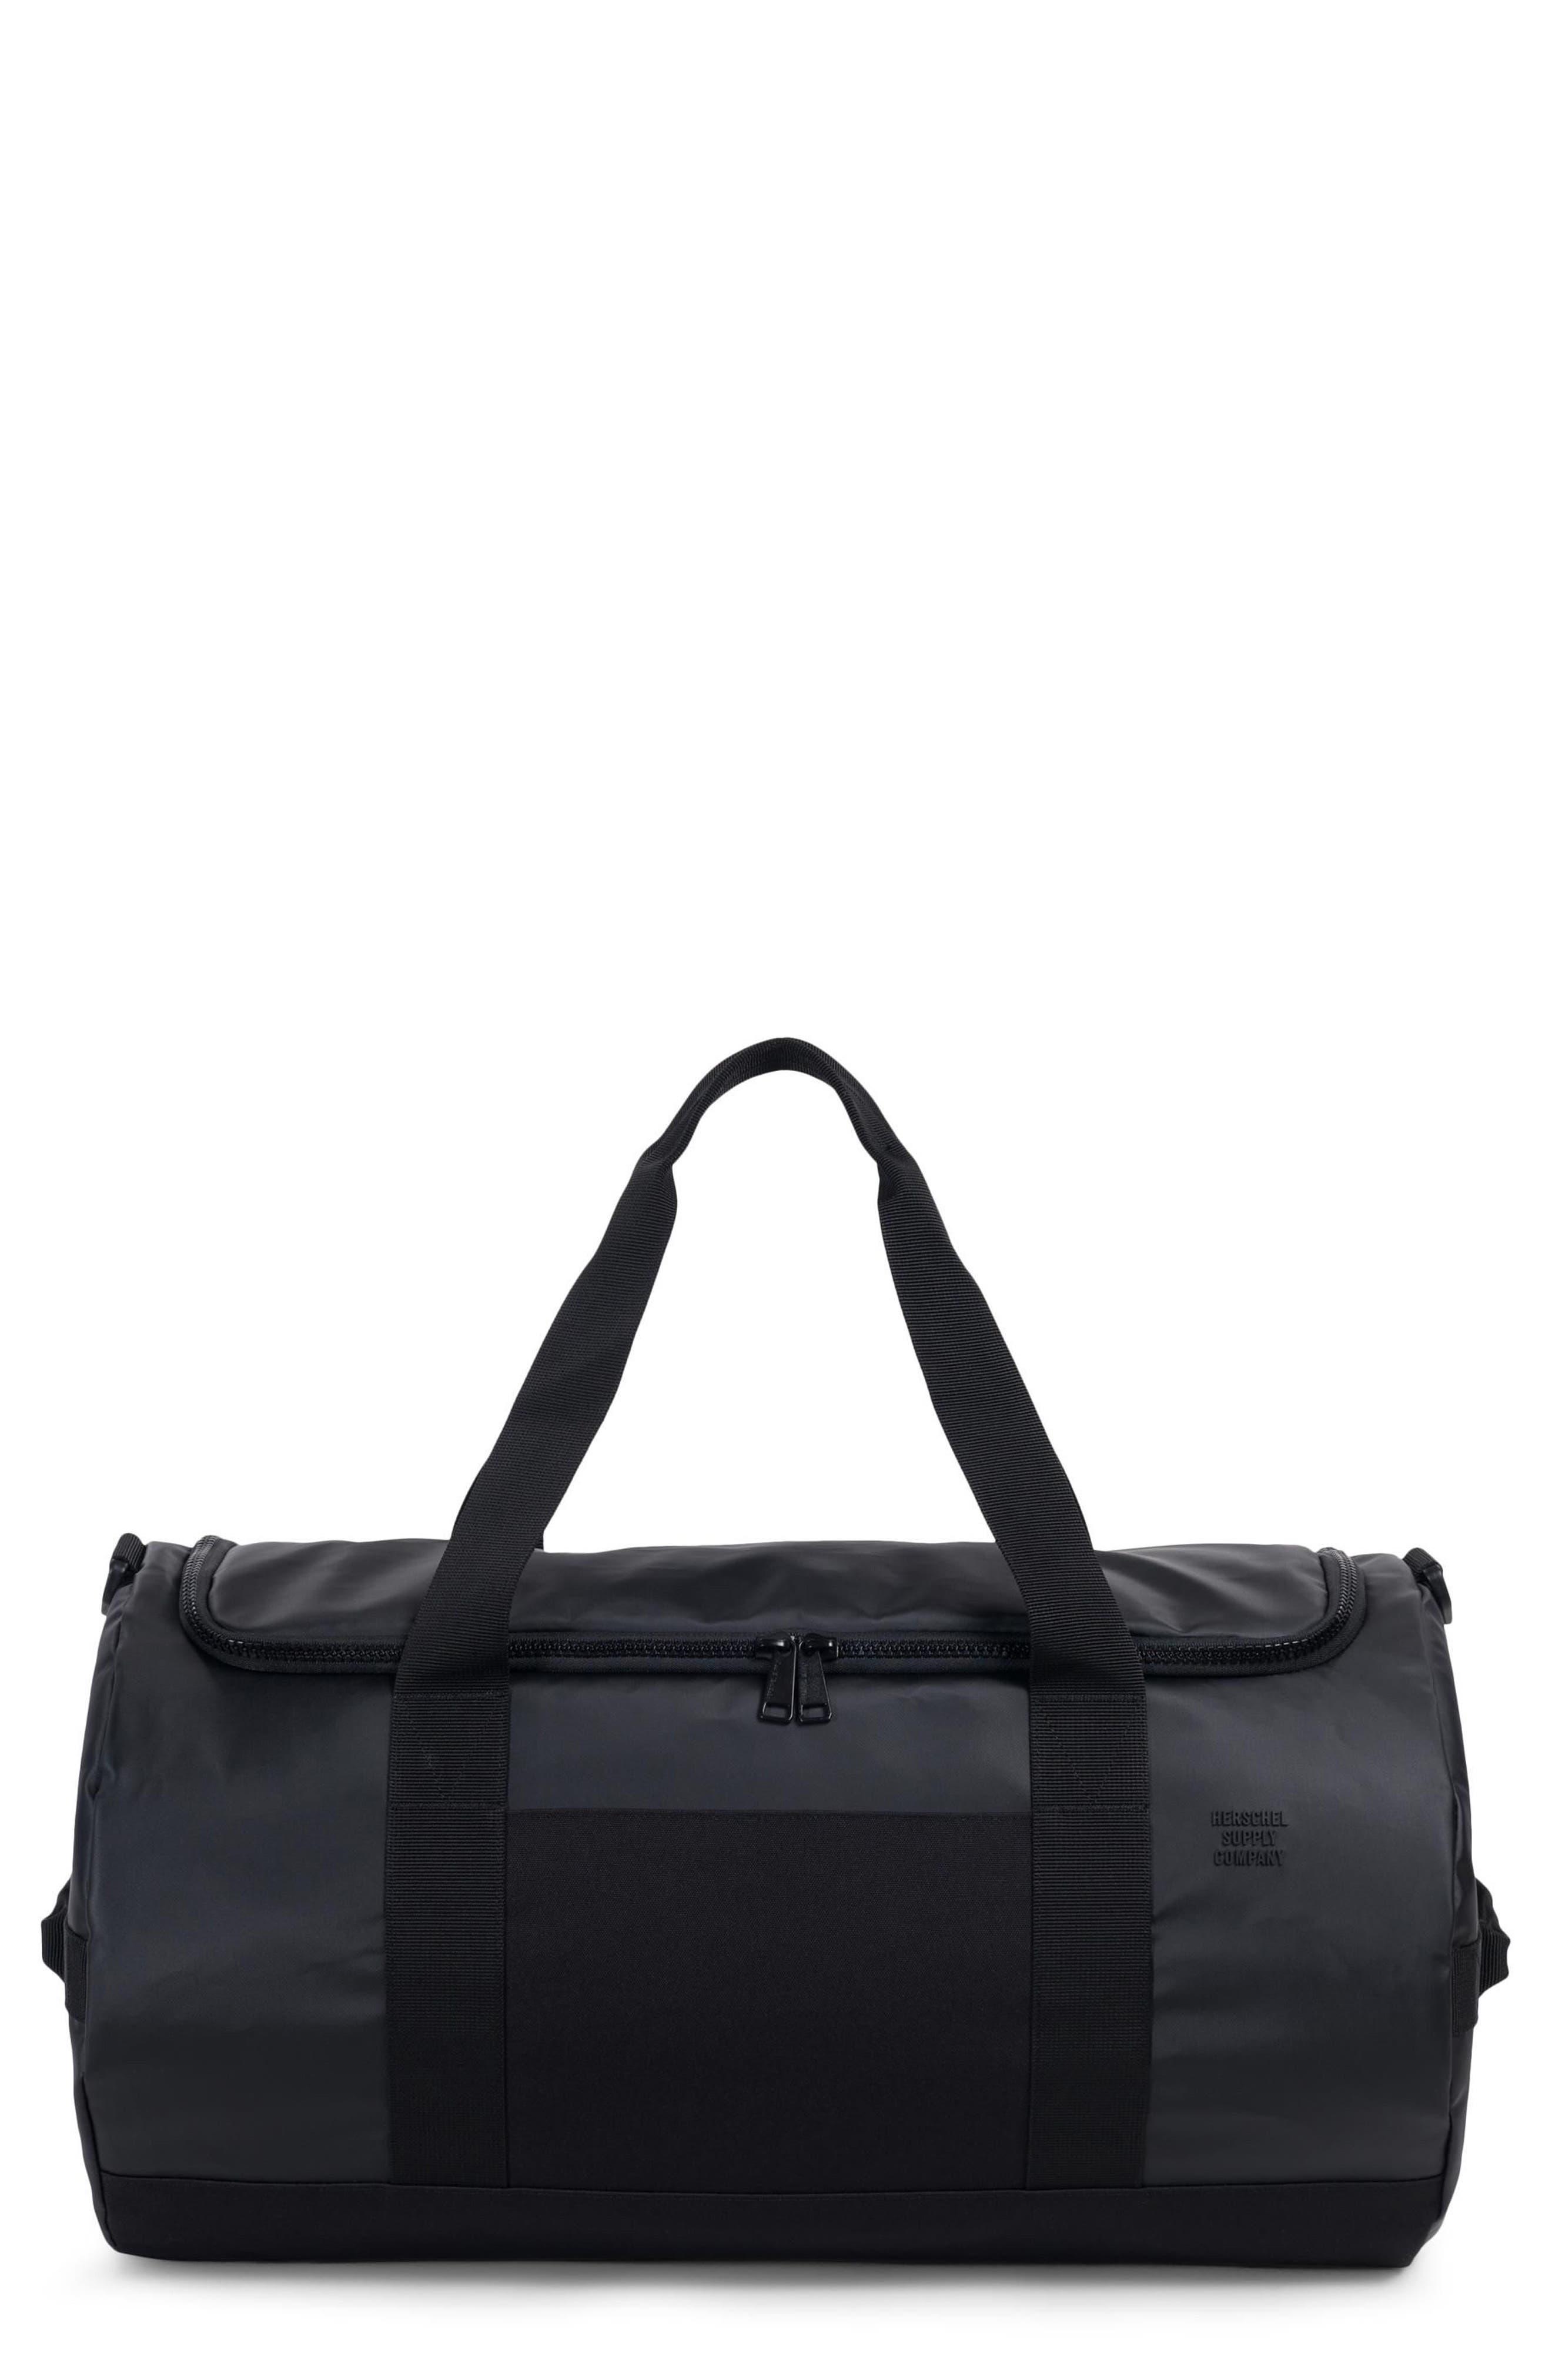 Sutton Polycoat Studio Duffel Bag,                             Main thumbnail 1, color,                             BLACK